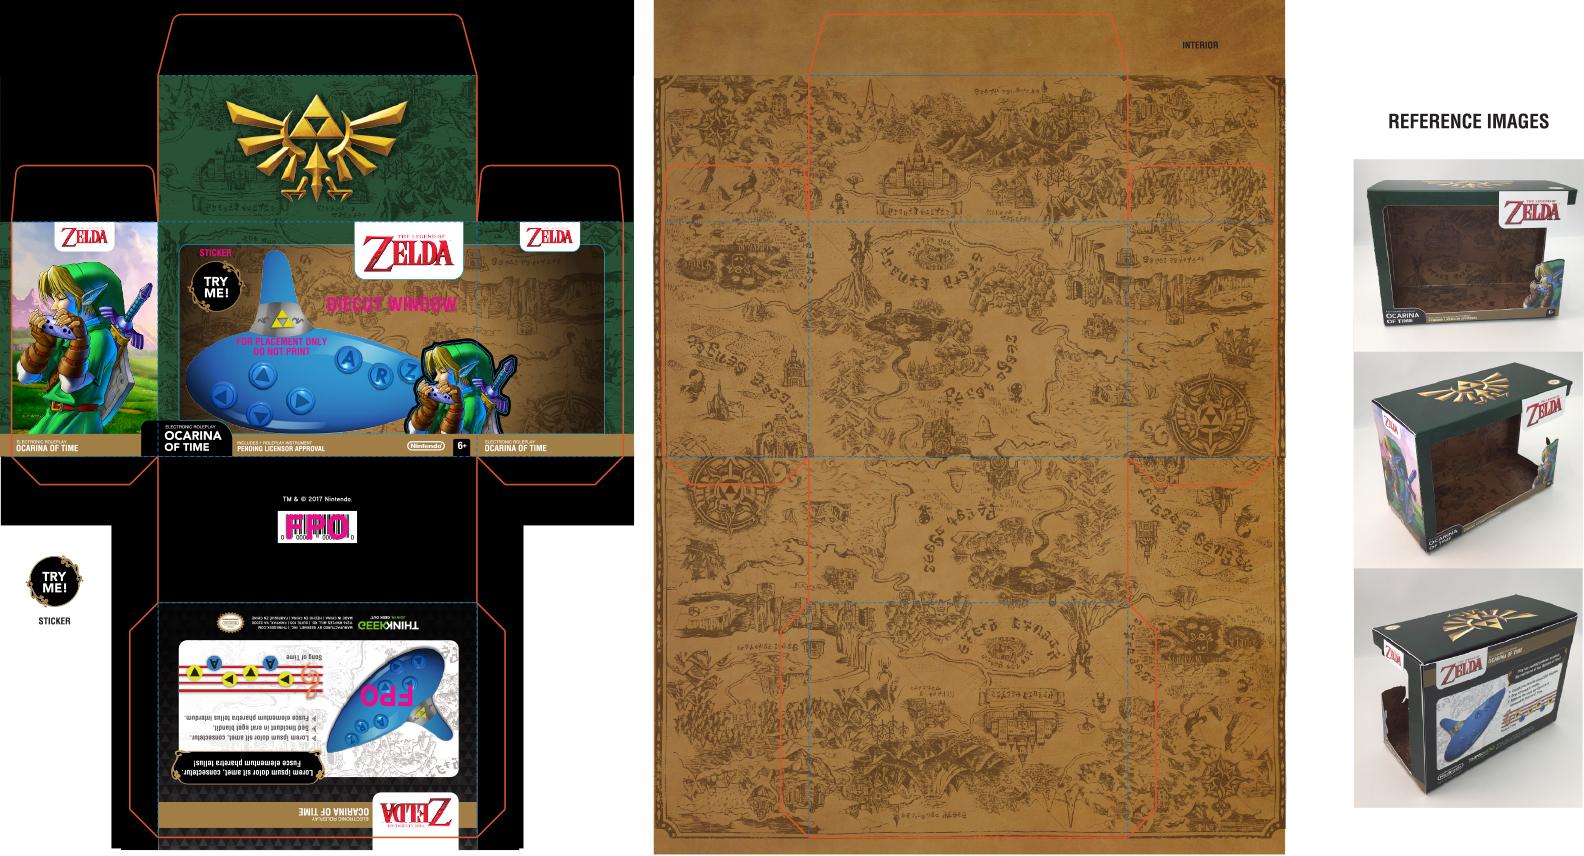 Zelda Electronic Ocarina